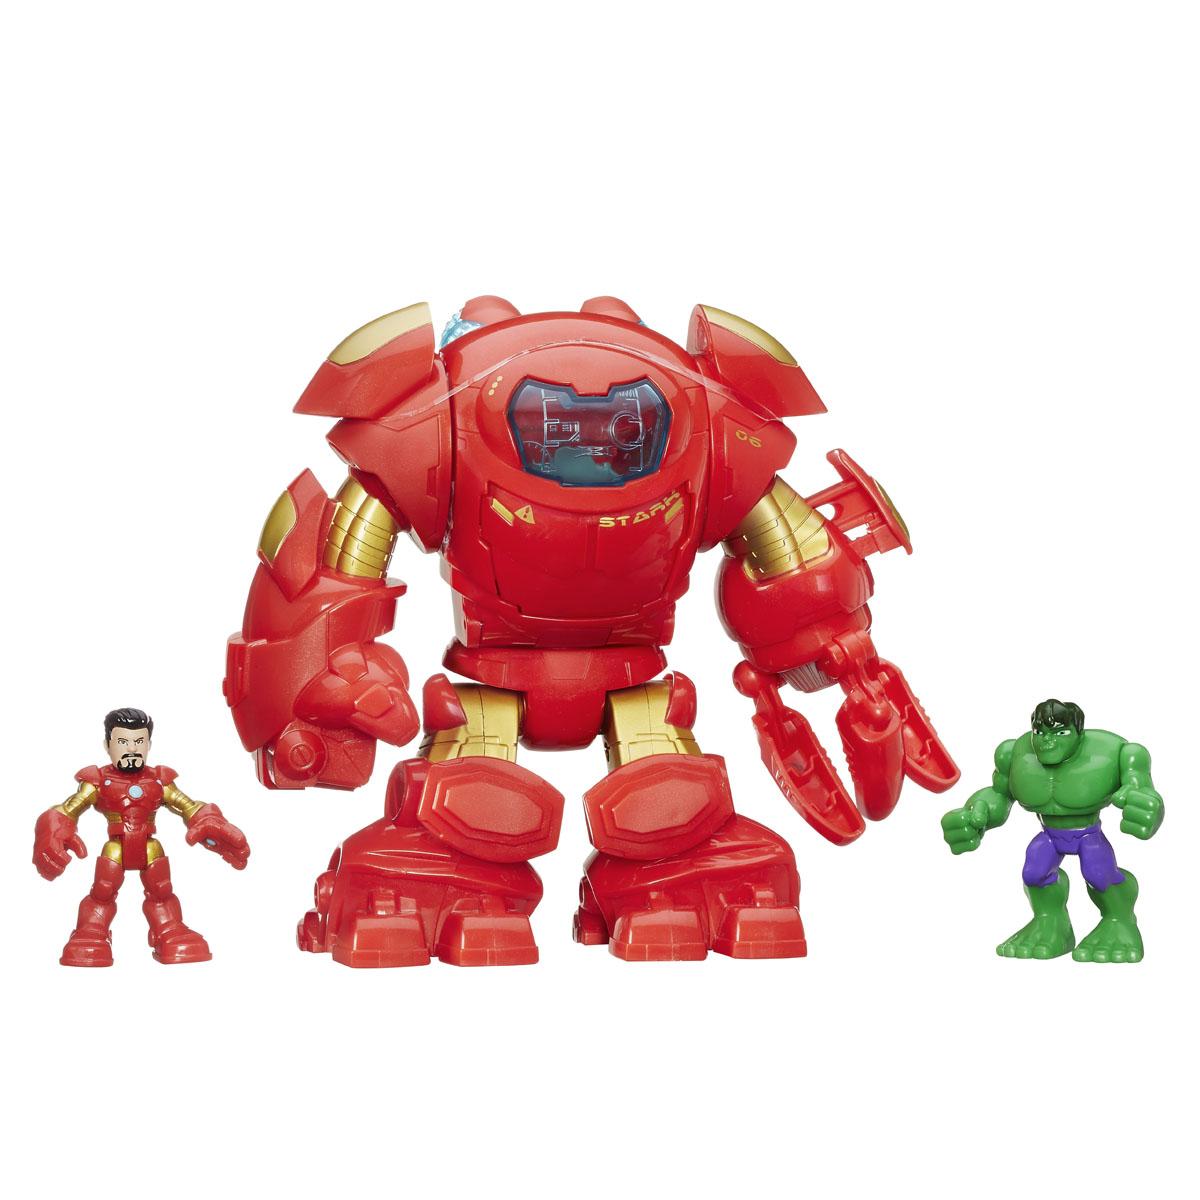 Набор фигурок Super Hero Adventures: Star Tech Armour, 3 штB0138EU40Набор фигурок Super Hero Adventures: Star Tech Armour состоит из маленьких фигурок Железного Человека и Халка и большой фигурки Охотника на Халка. Фигурки выполнены из яркого пластика. Конечности фигурок подвижны, что позволит придавать героям различные позы. В кисть левой руки Охотника можно вложить фигурку Халка. При нажатии кнопки на этой руке кисть начнет быстро вращаться. Эти фигурки непременно понравятся маленькому поклоннику комиксов и станут замечательным украшением любой коллекции. Рекомендуемый возраст: от 3 до 7 лет.